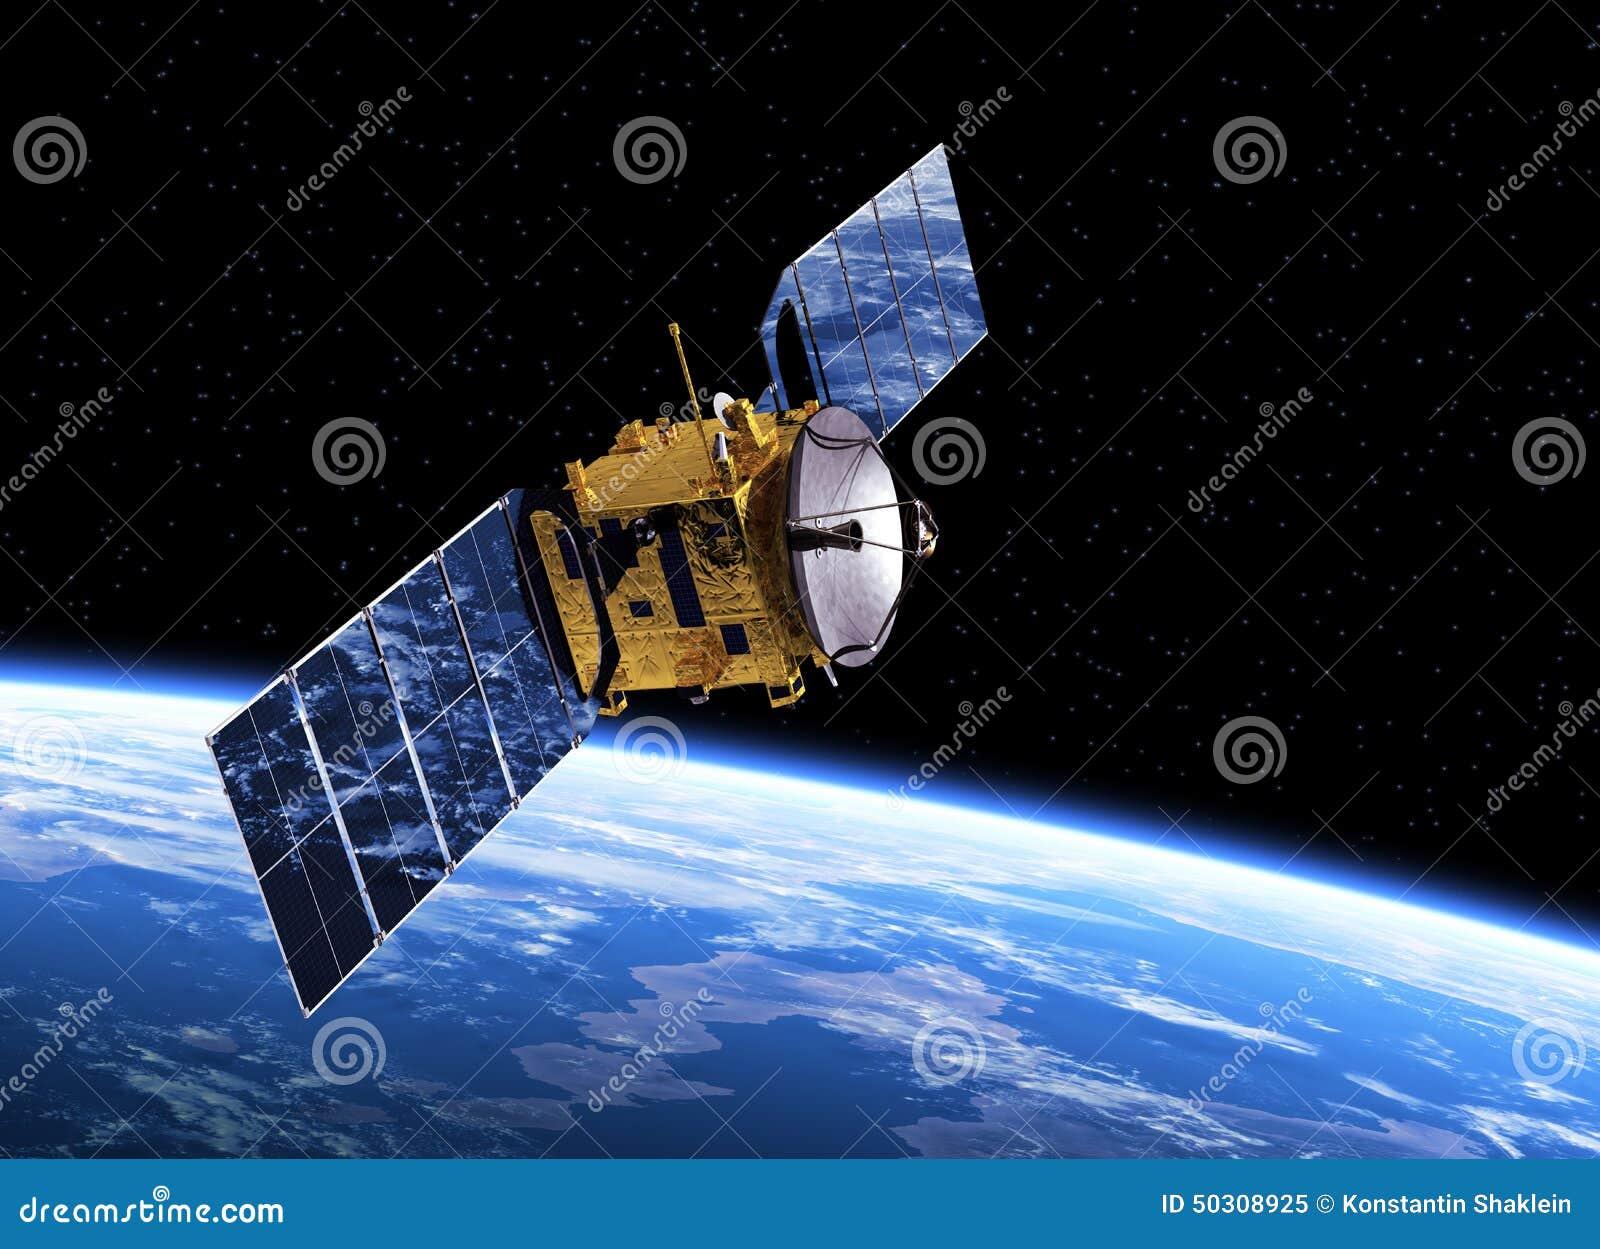 Tierra que está en órbita del satélite de comunicación